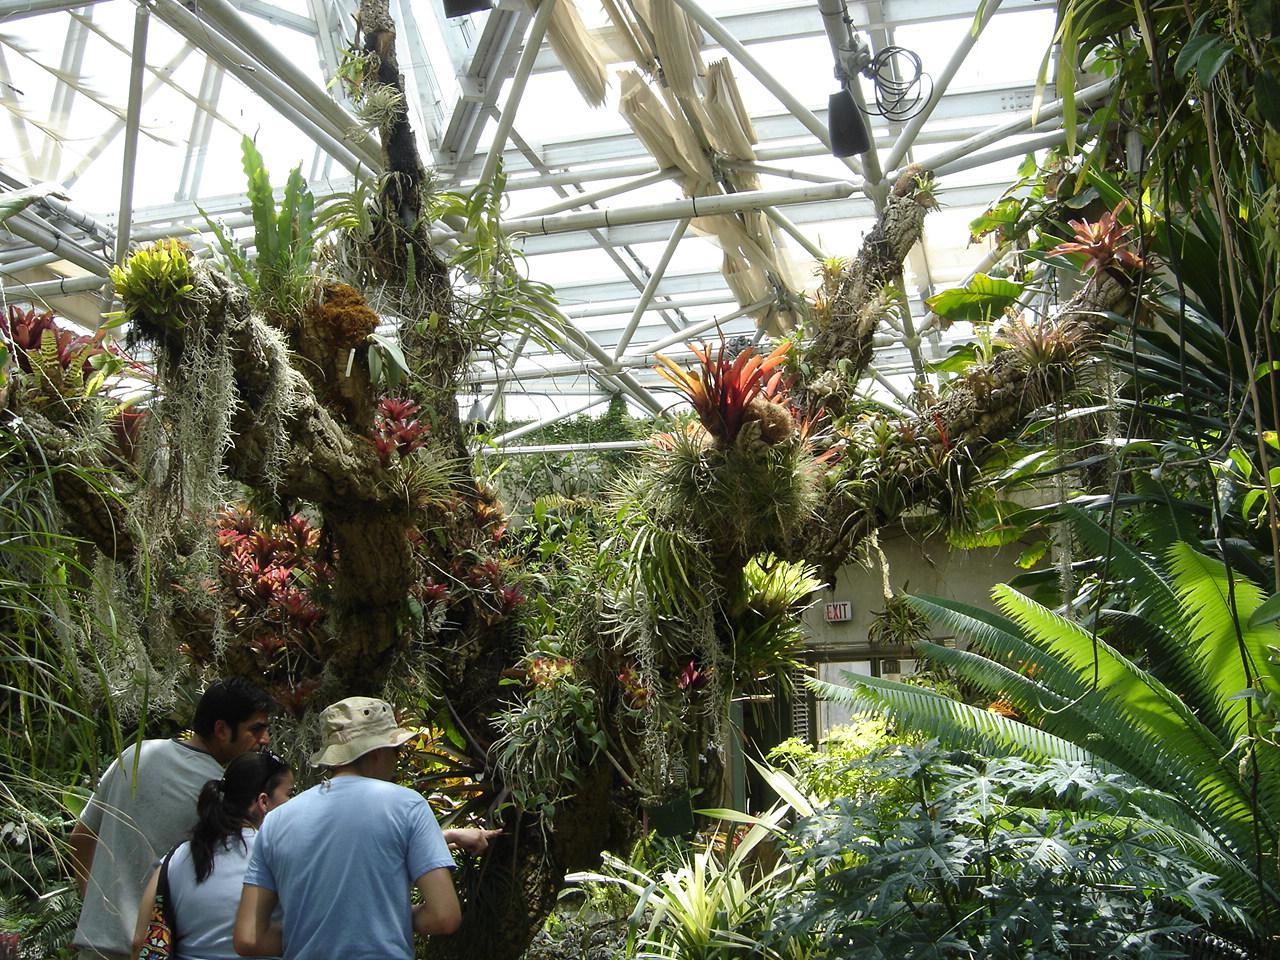 Jard n bot nico de san antonio wikipedia la - Jardin botanico las palmas ...